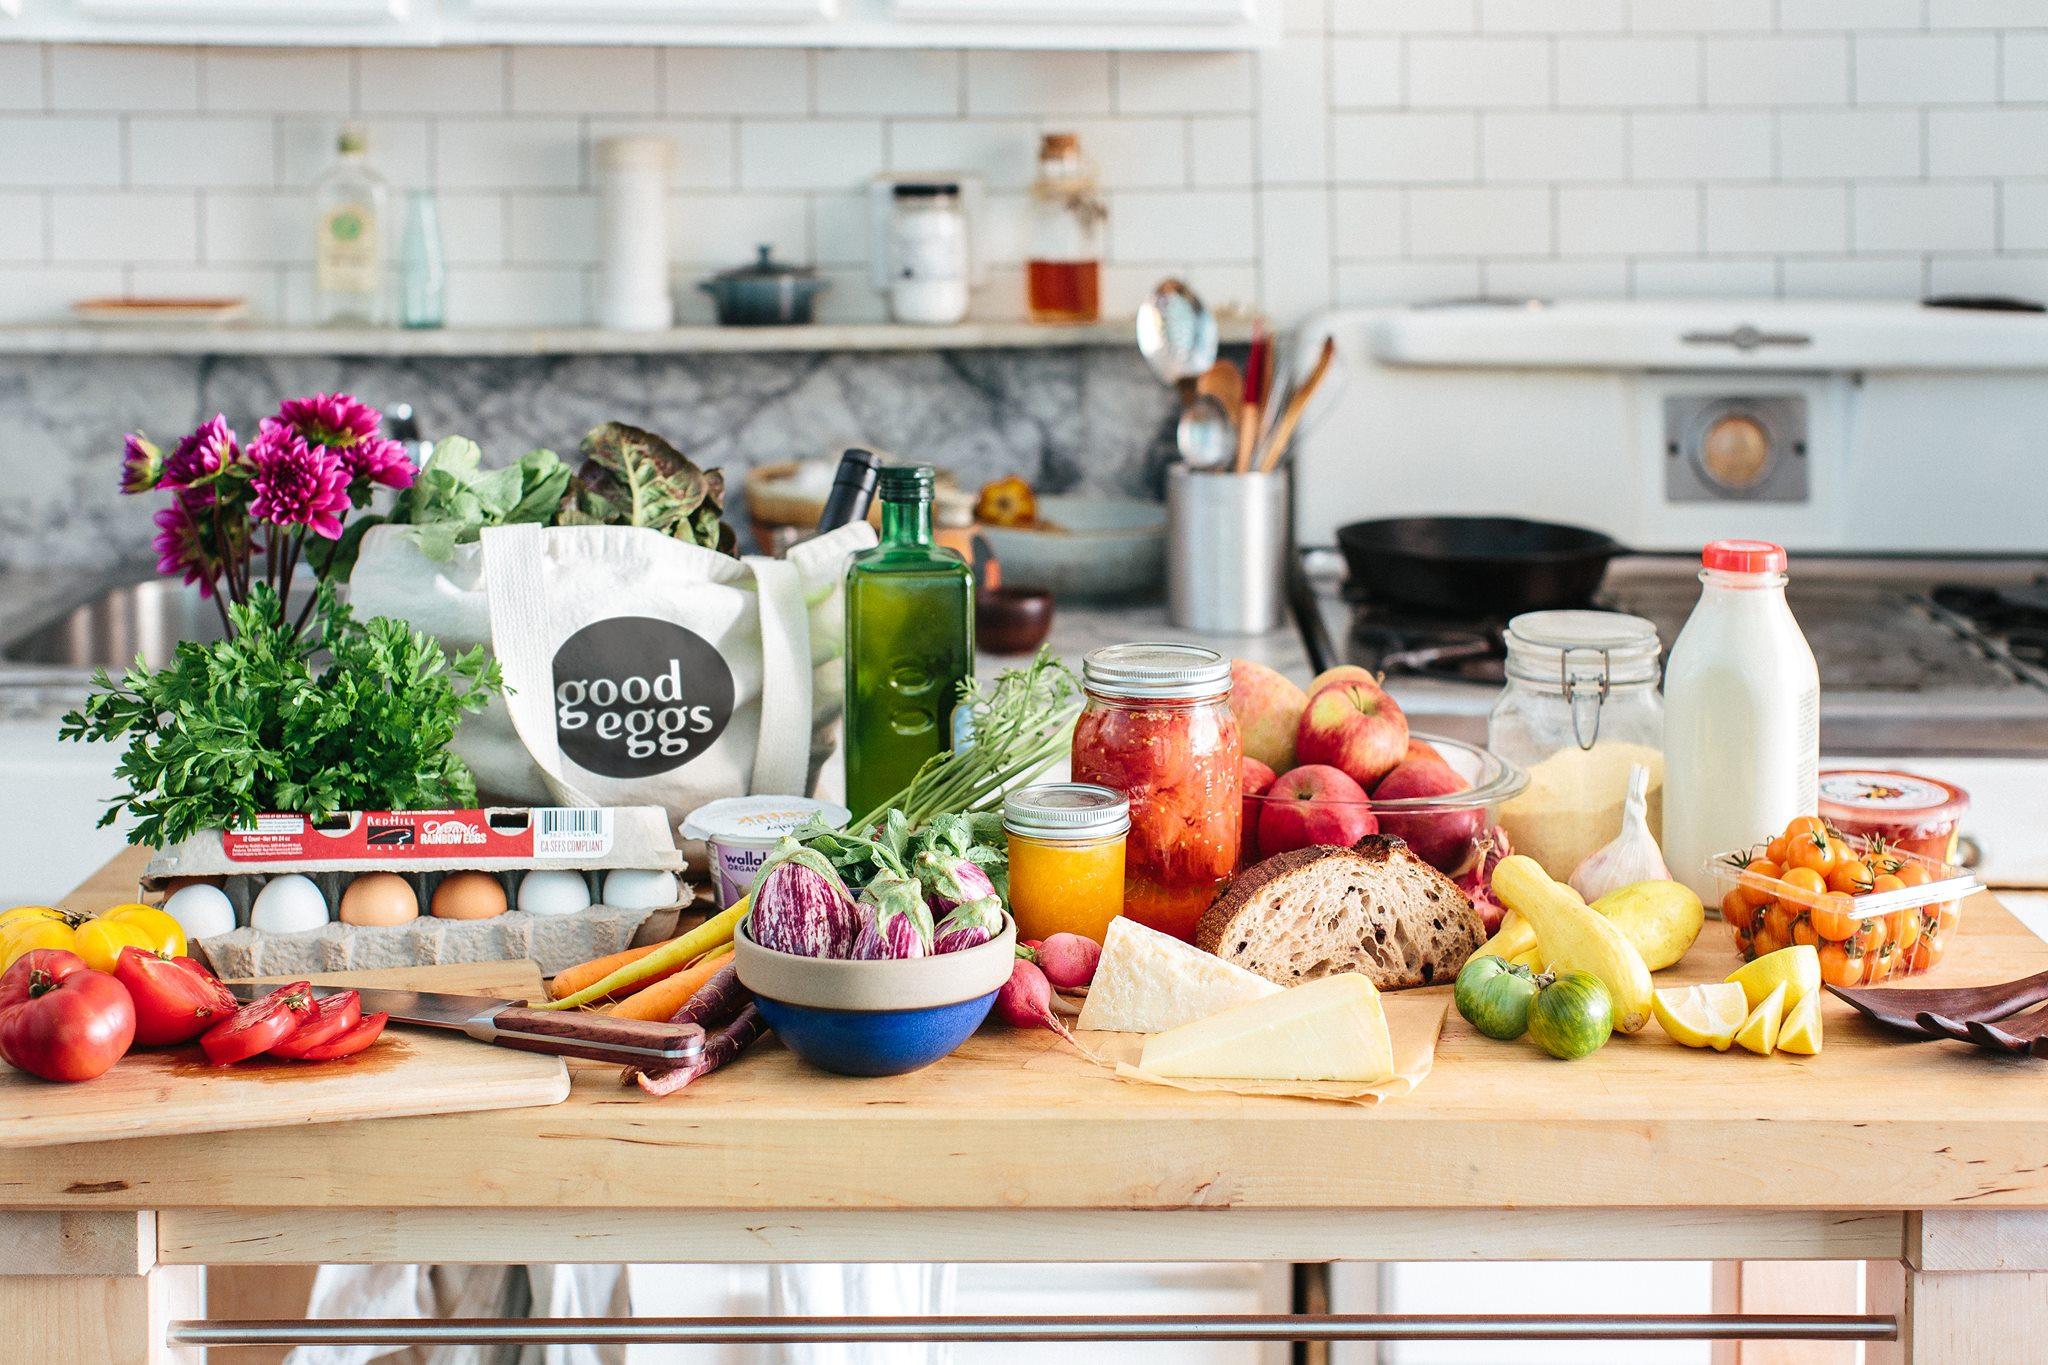 Facilita la compra de alimentos orgánicos siguiendo los pasos de Good Eggs